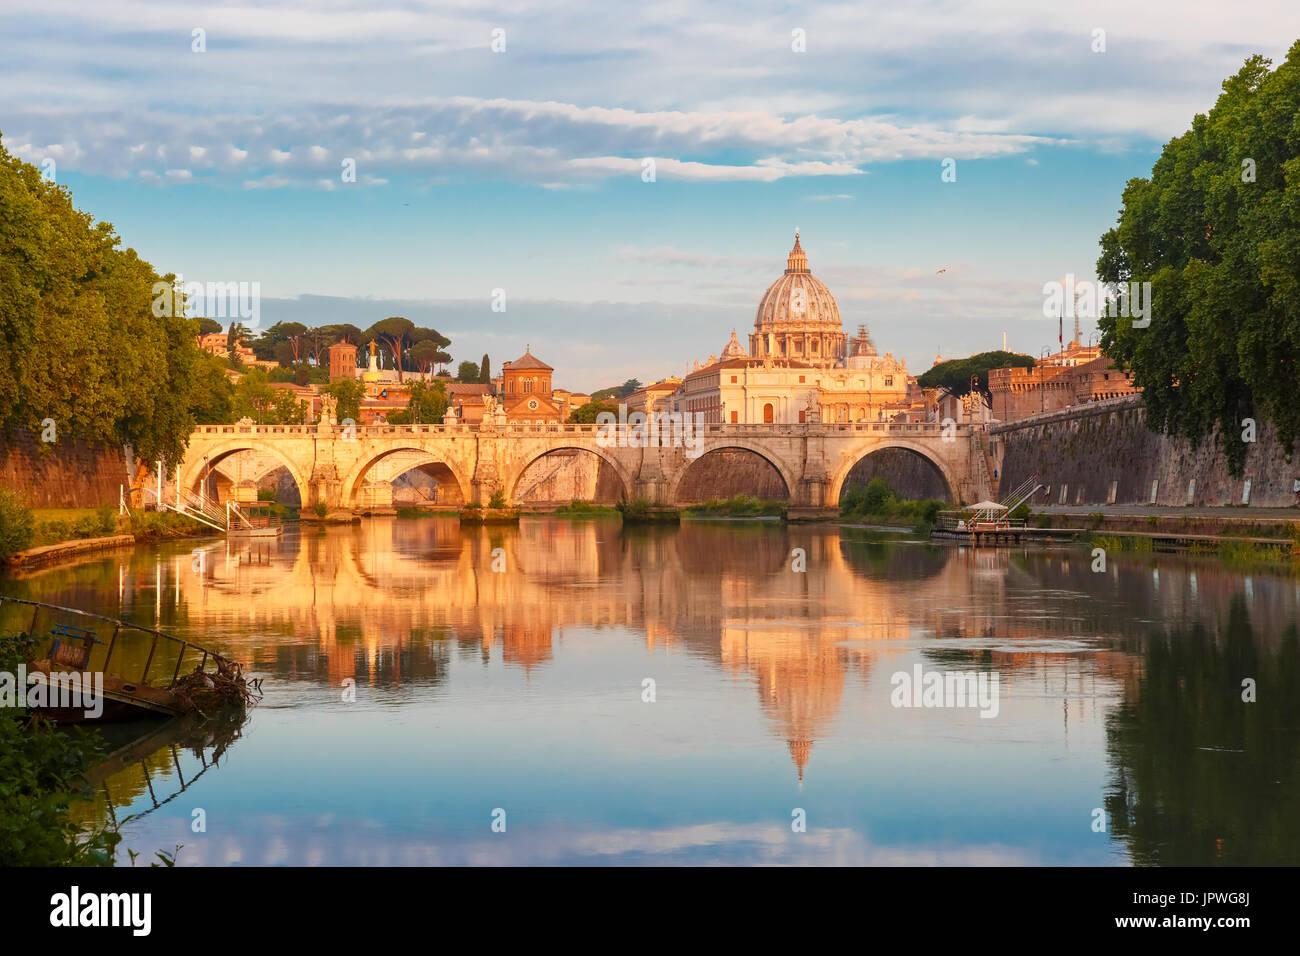 San Pietro Cattedrale al mattino, Roma, Italia. Immagini Stock